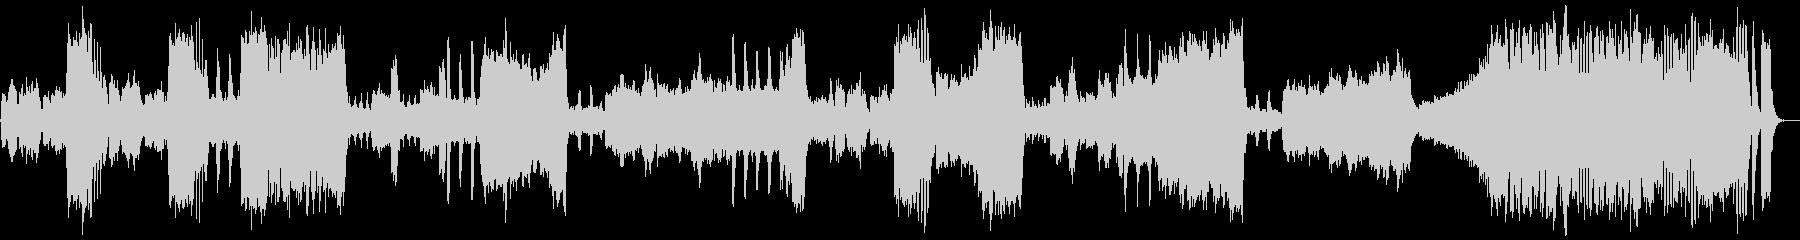 『フィガロの結婚』序曲 モーツァルトの未再生の波形